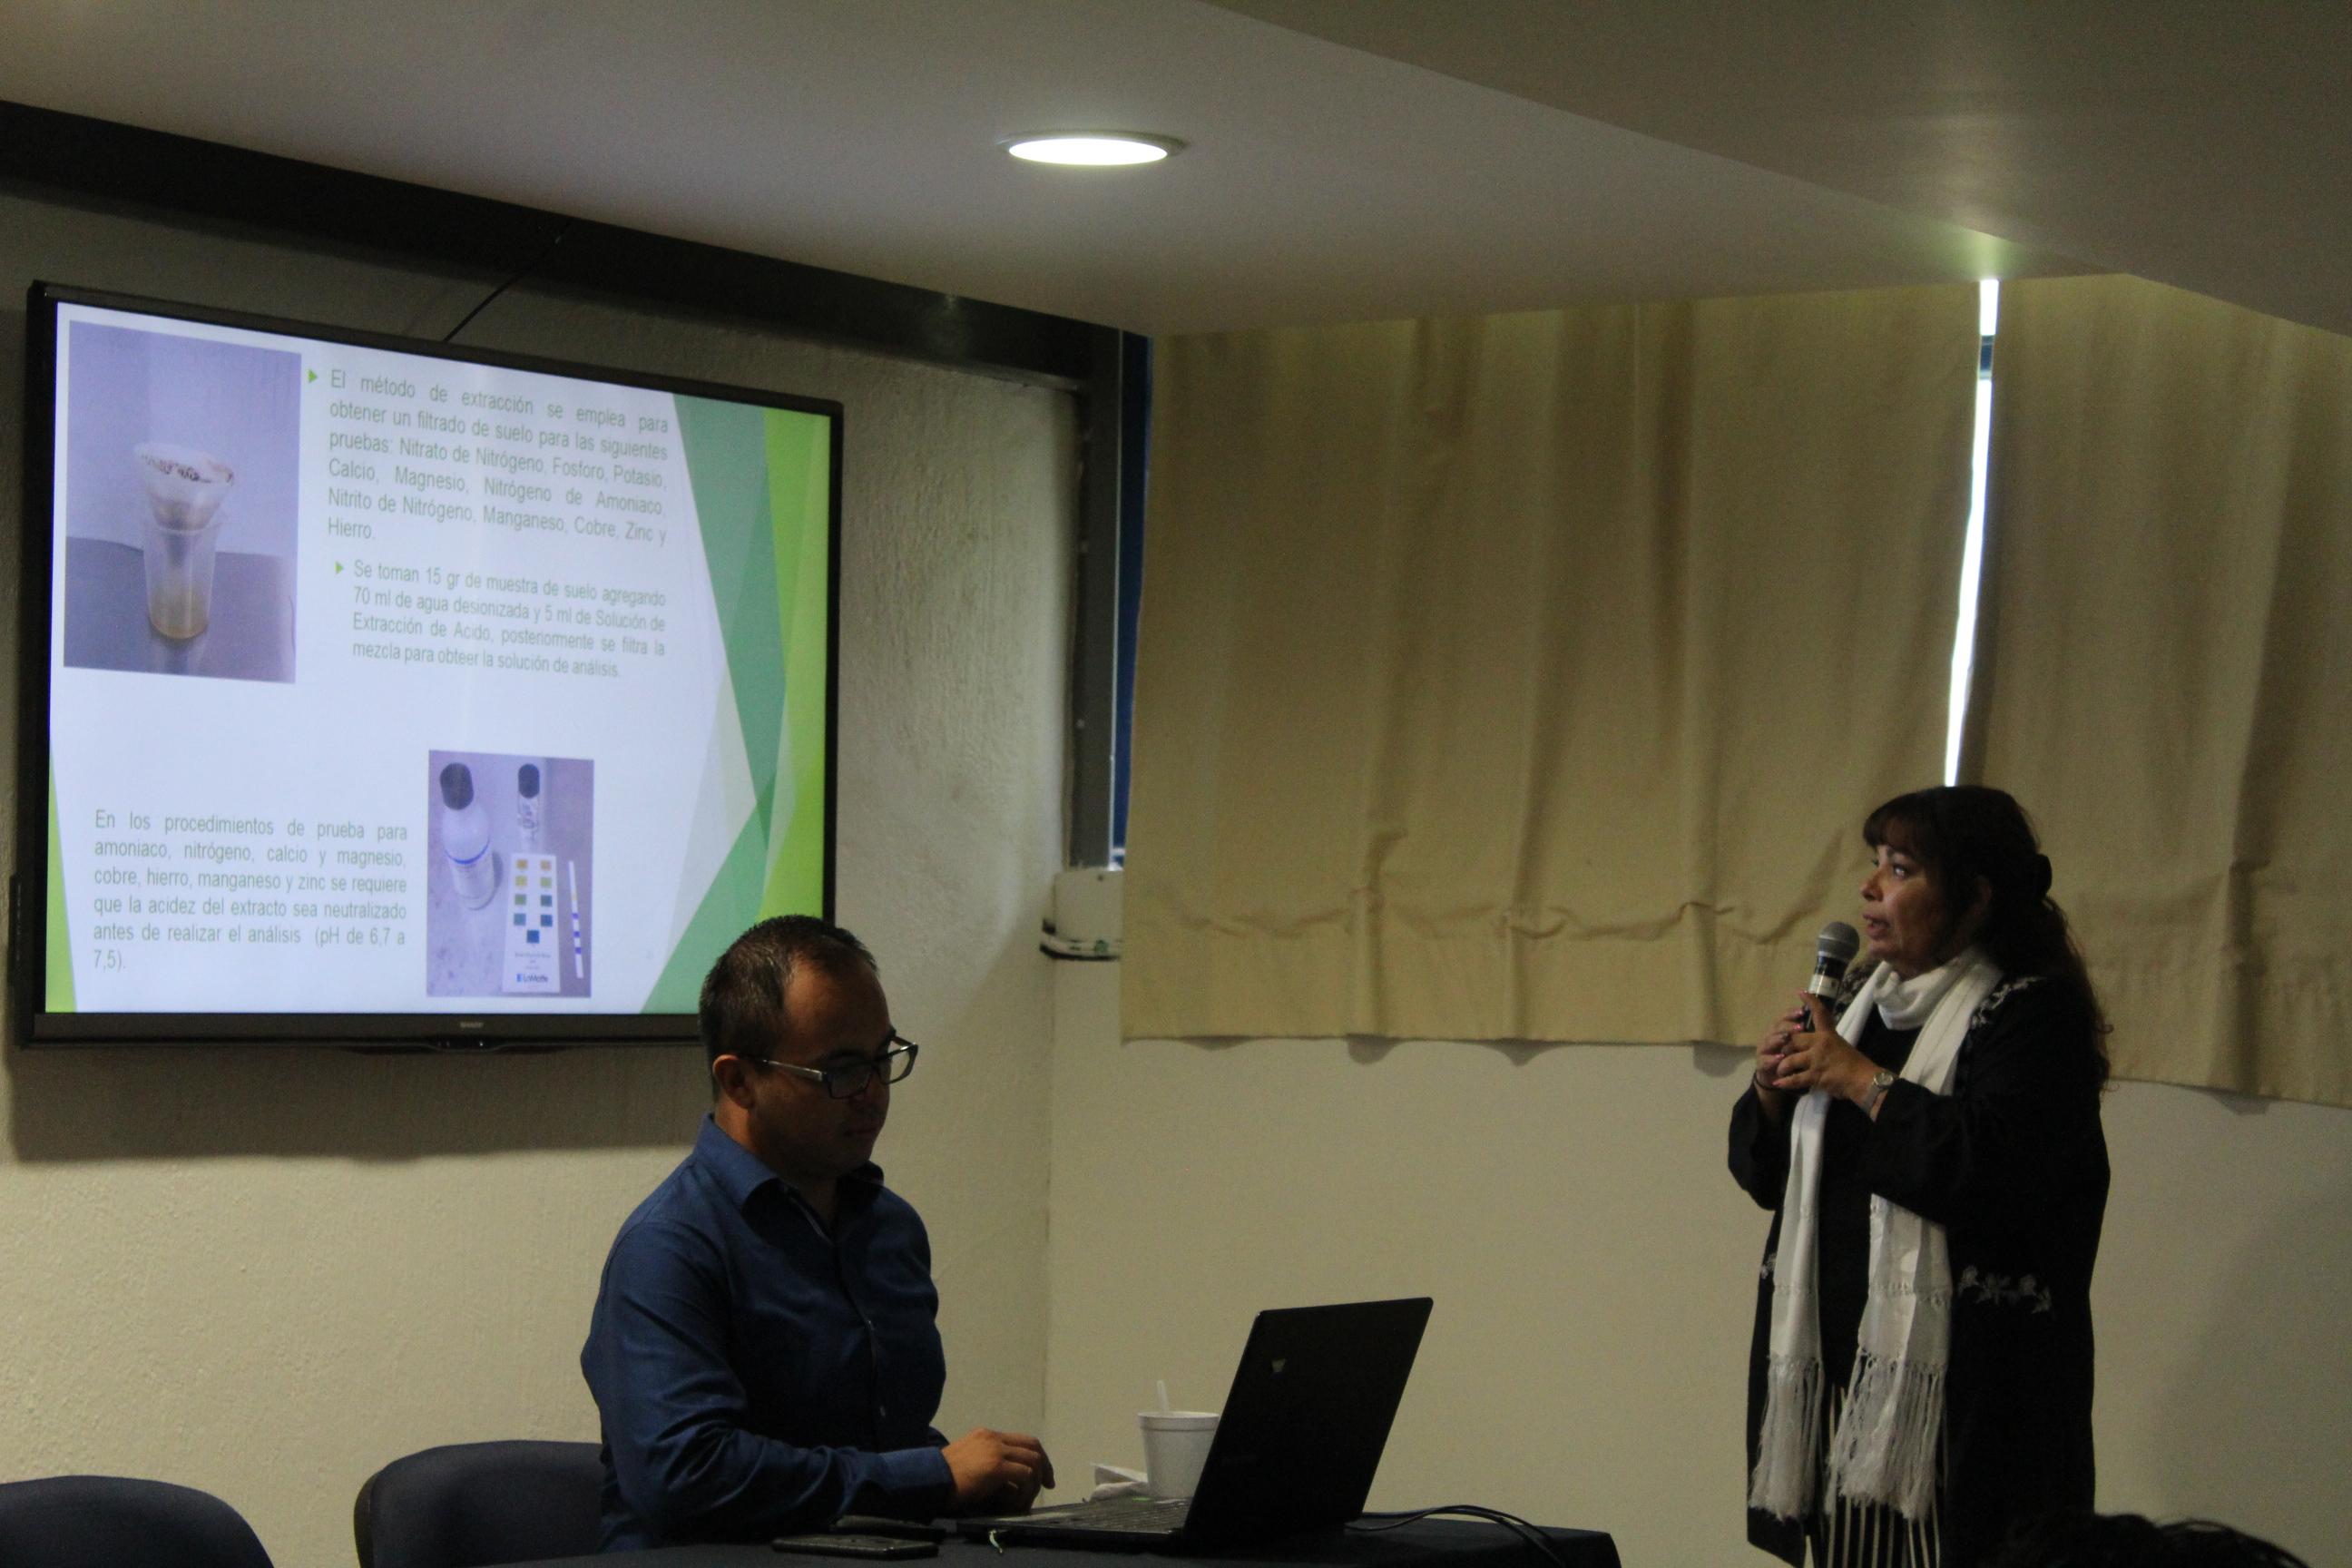 La doctora Bertha Alicia Arce explica a los asistentes parte de su trabajo